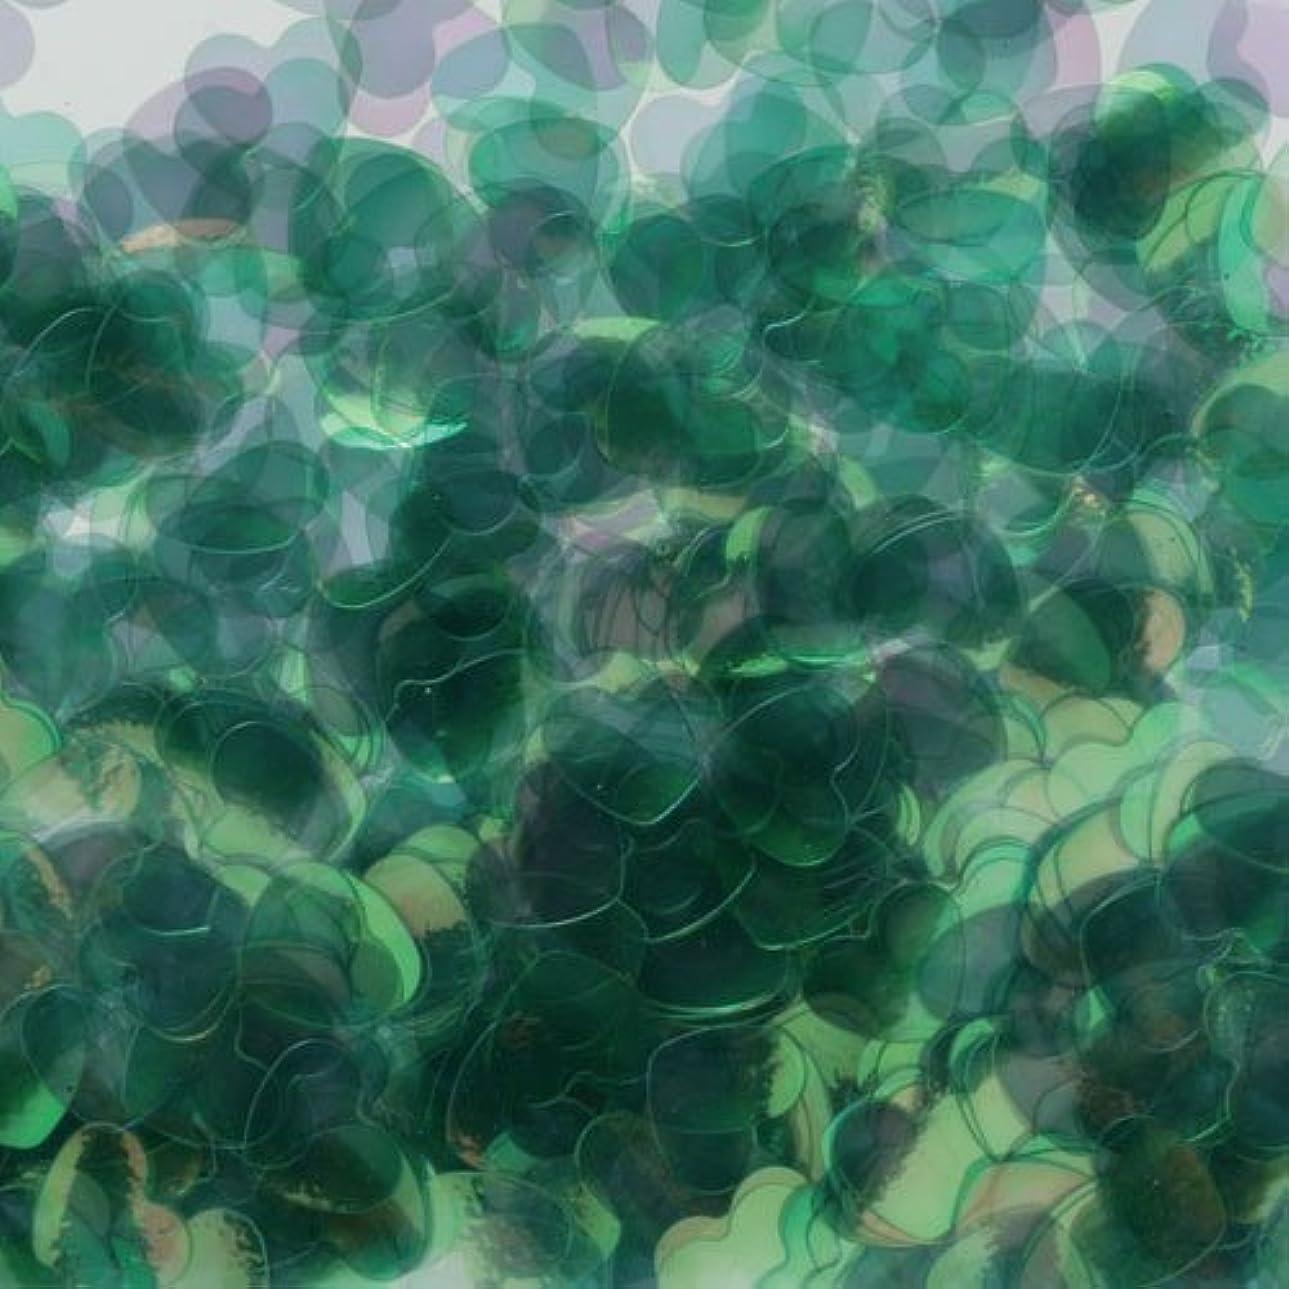 筋うそつき悪名高いピカエース ネイル用パウダー ハートオーロラ 耐溶剤 #790 グリーン 0.5g